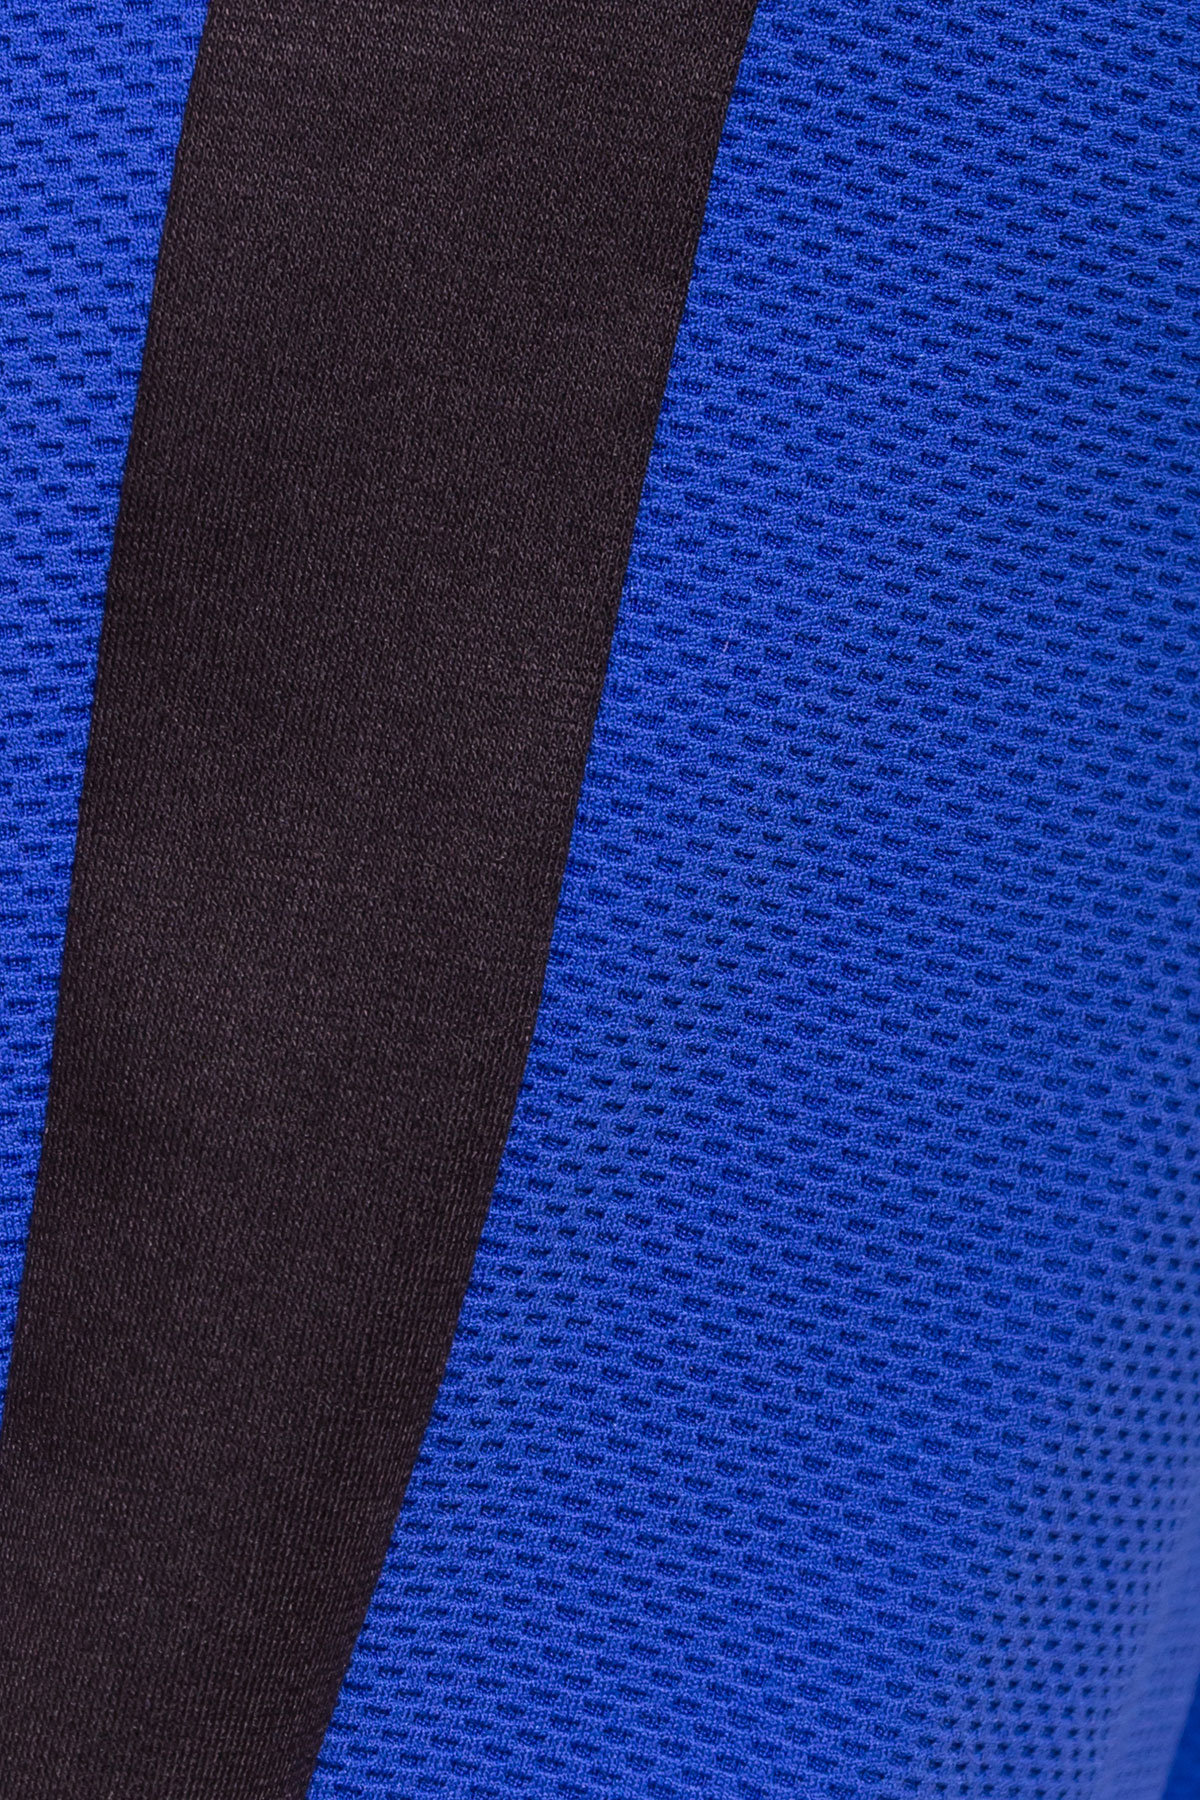 TW Костюм Дует 6425 АРТ. 41371 Цвет: Электрик/Черный - фото 5, интернет магазин tm-modus.ru